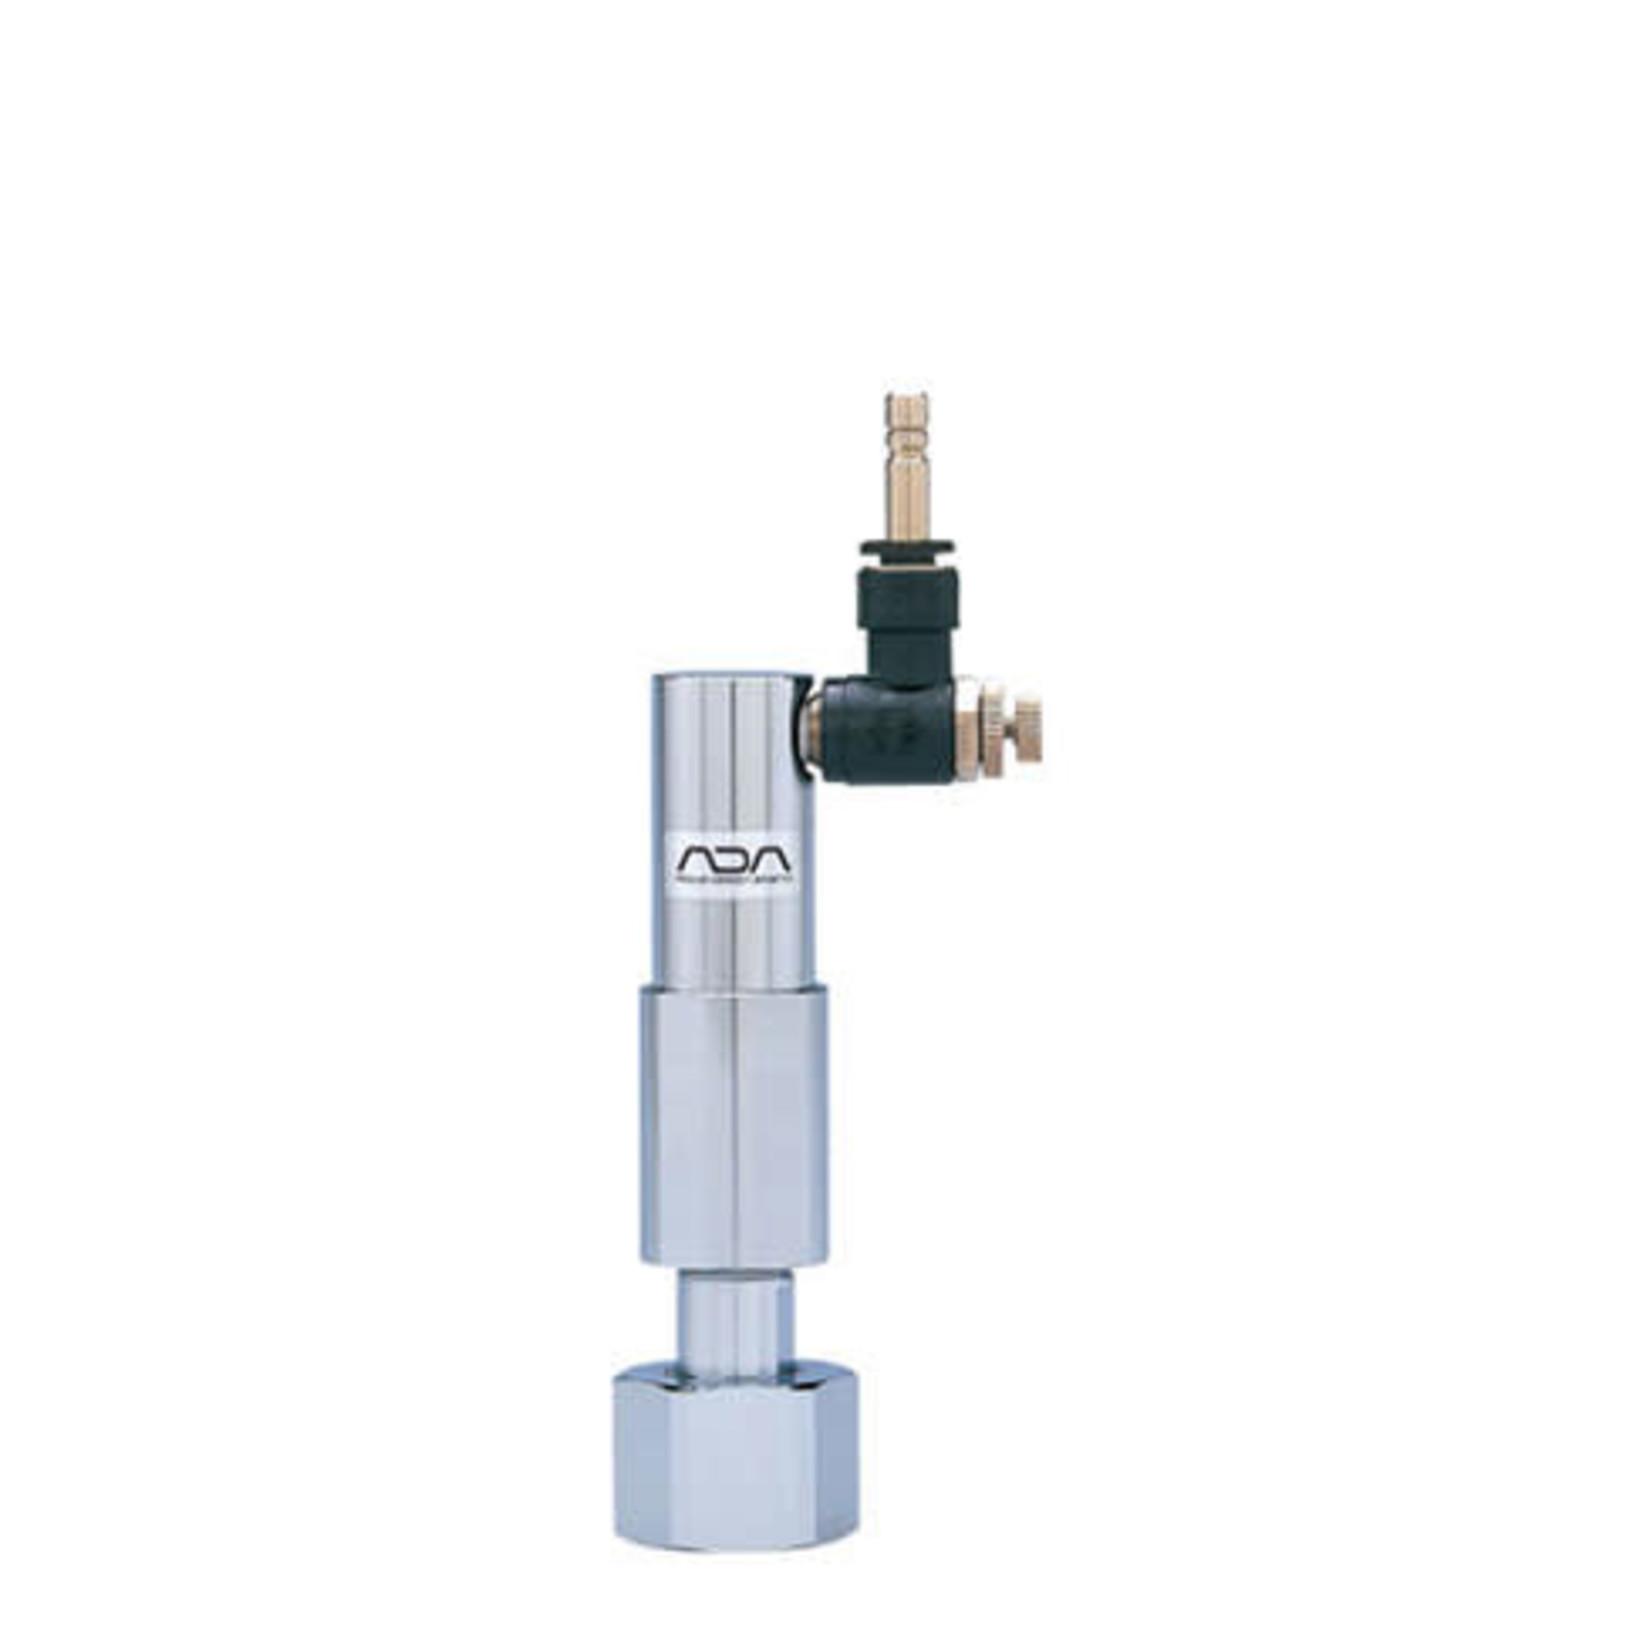 ADA CO2 Attache Regulator (for refilable CO2 botteles)